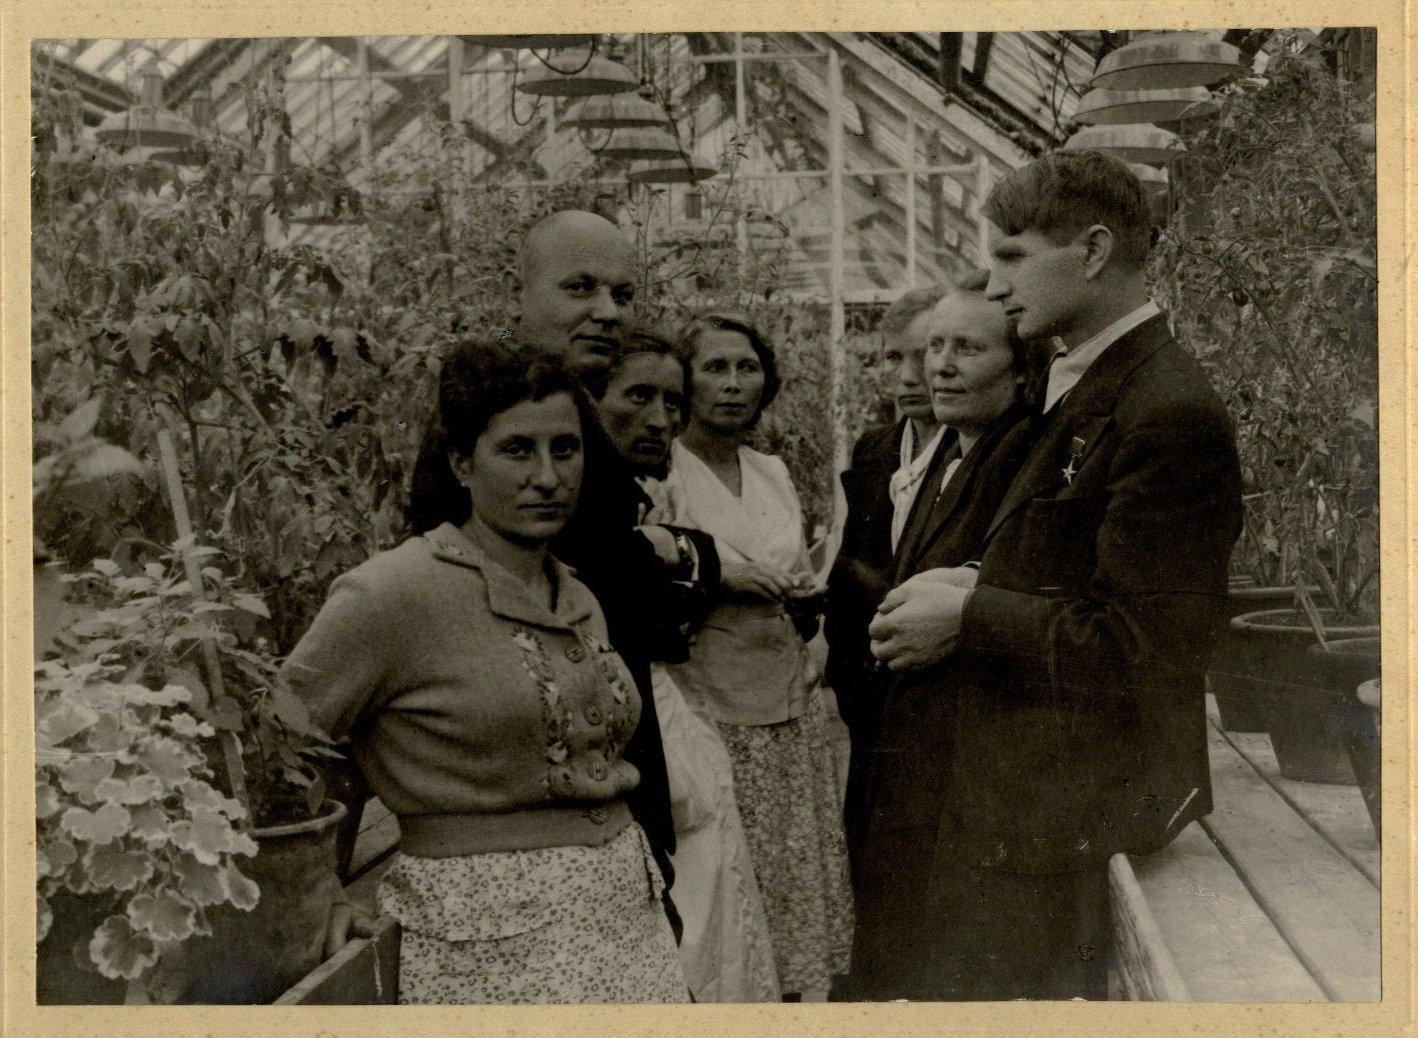 Академик Лысенко Т.Д.с сотрудниками в теплице Института генетики